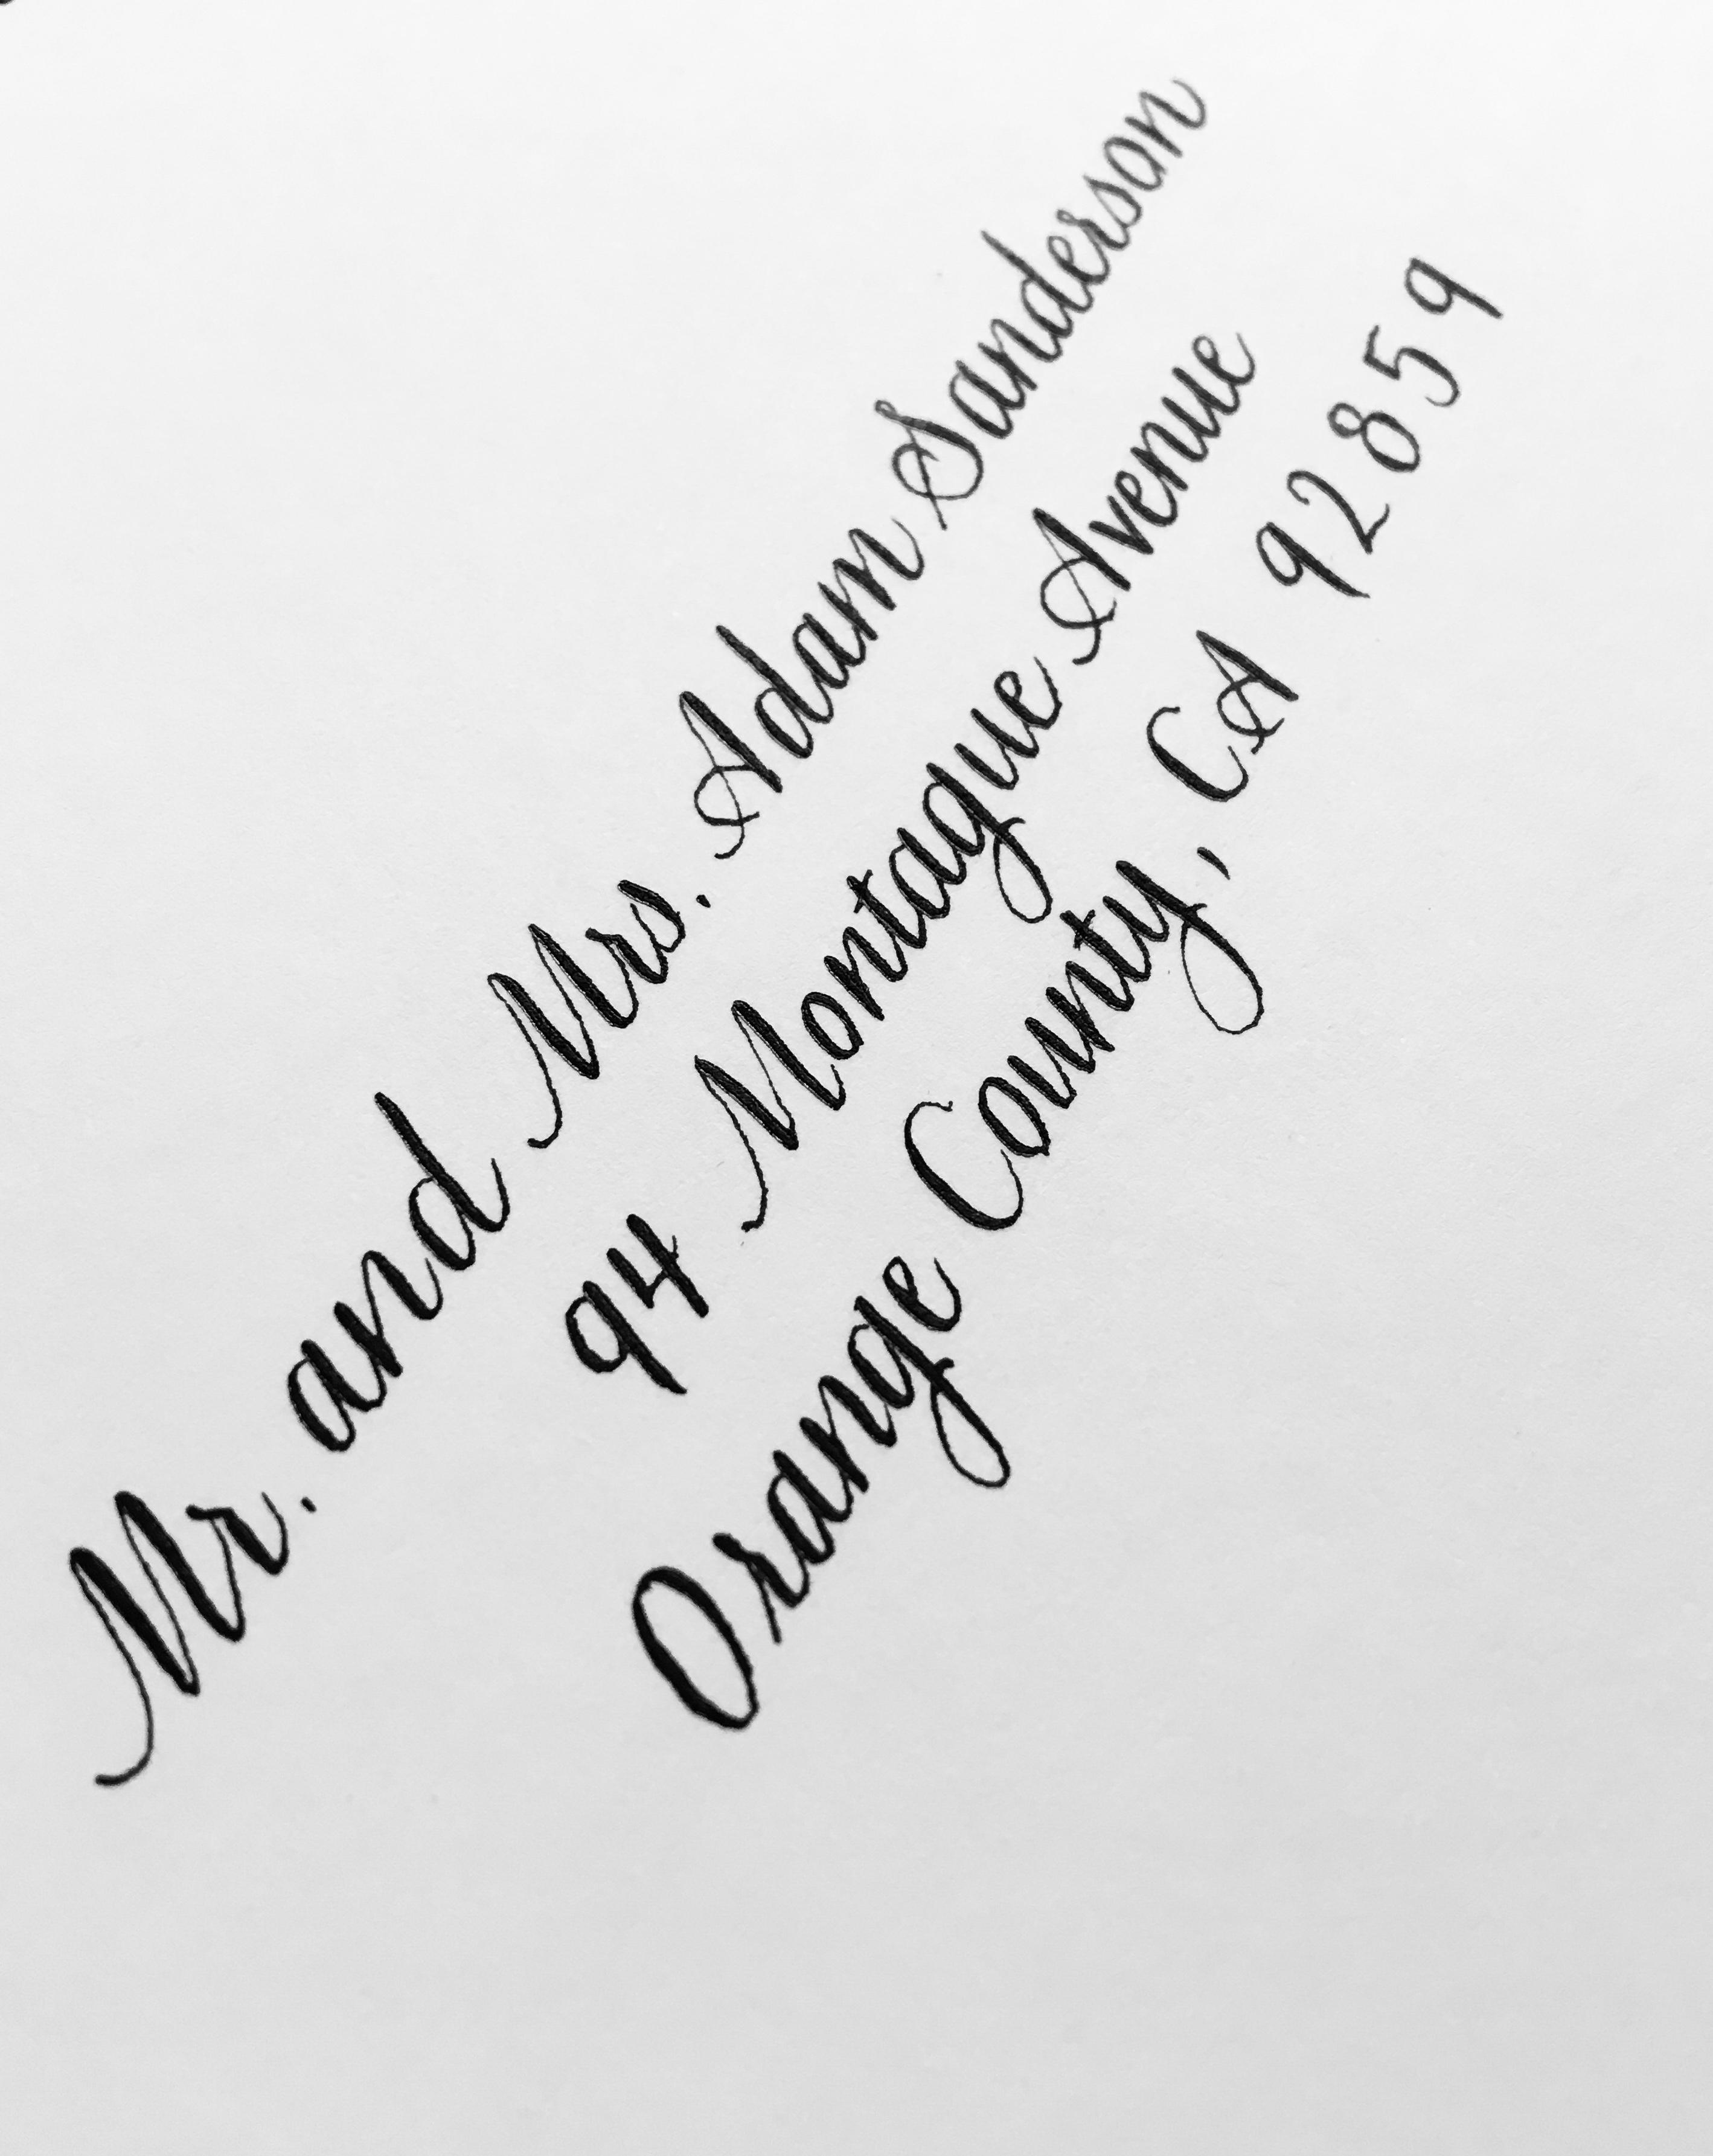 Edwardian Italic Font Style